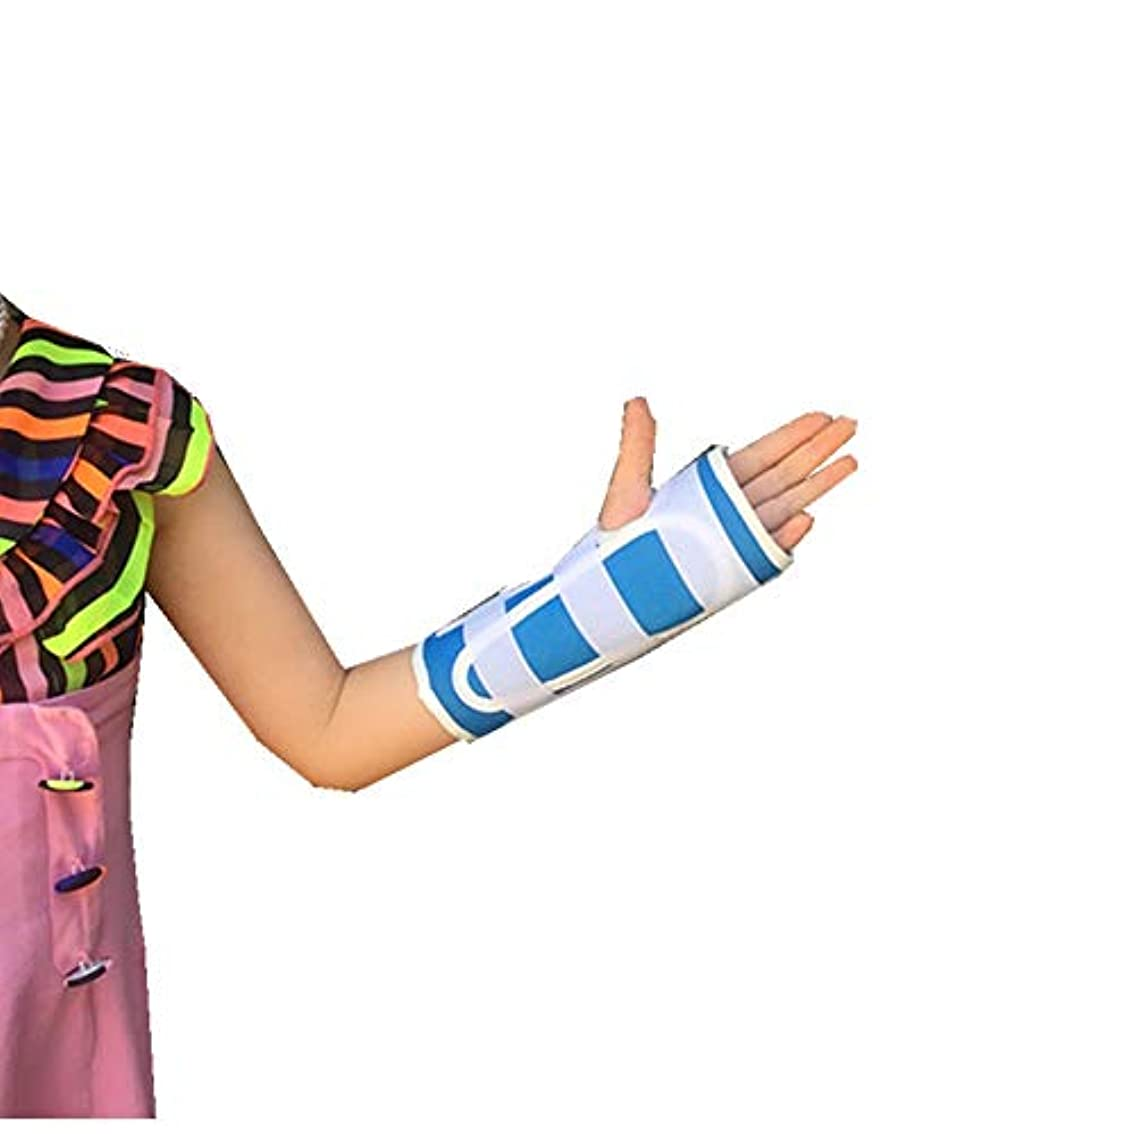 暴徒ポインタジャンプするZYL-YL 子供の手関節手首骨折手首捻挫骨折保護具通気性は内蔵アルミ合金シース (Edition : Right)